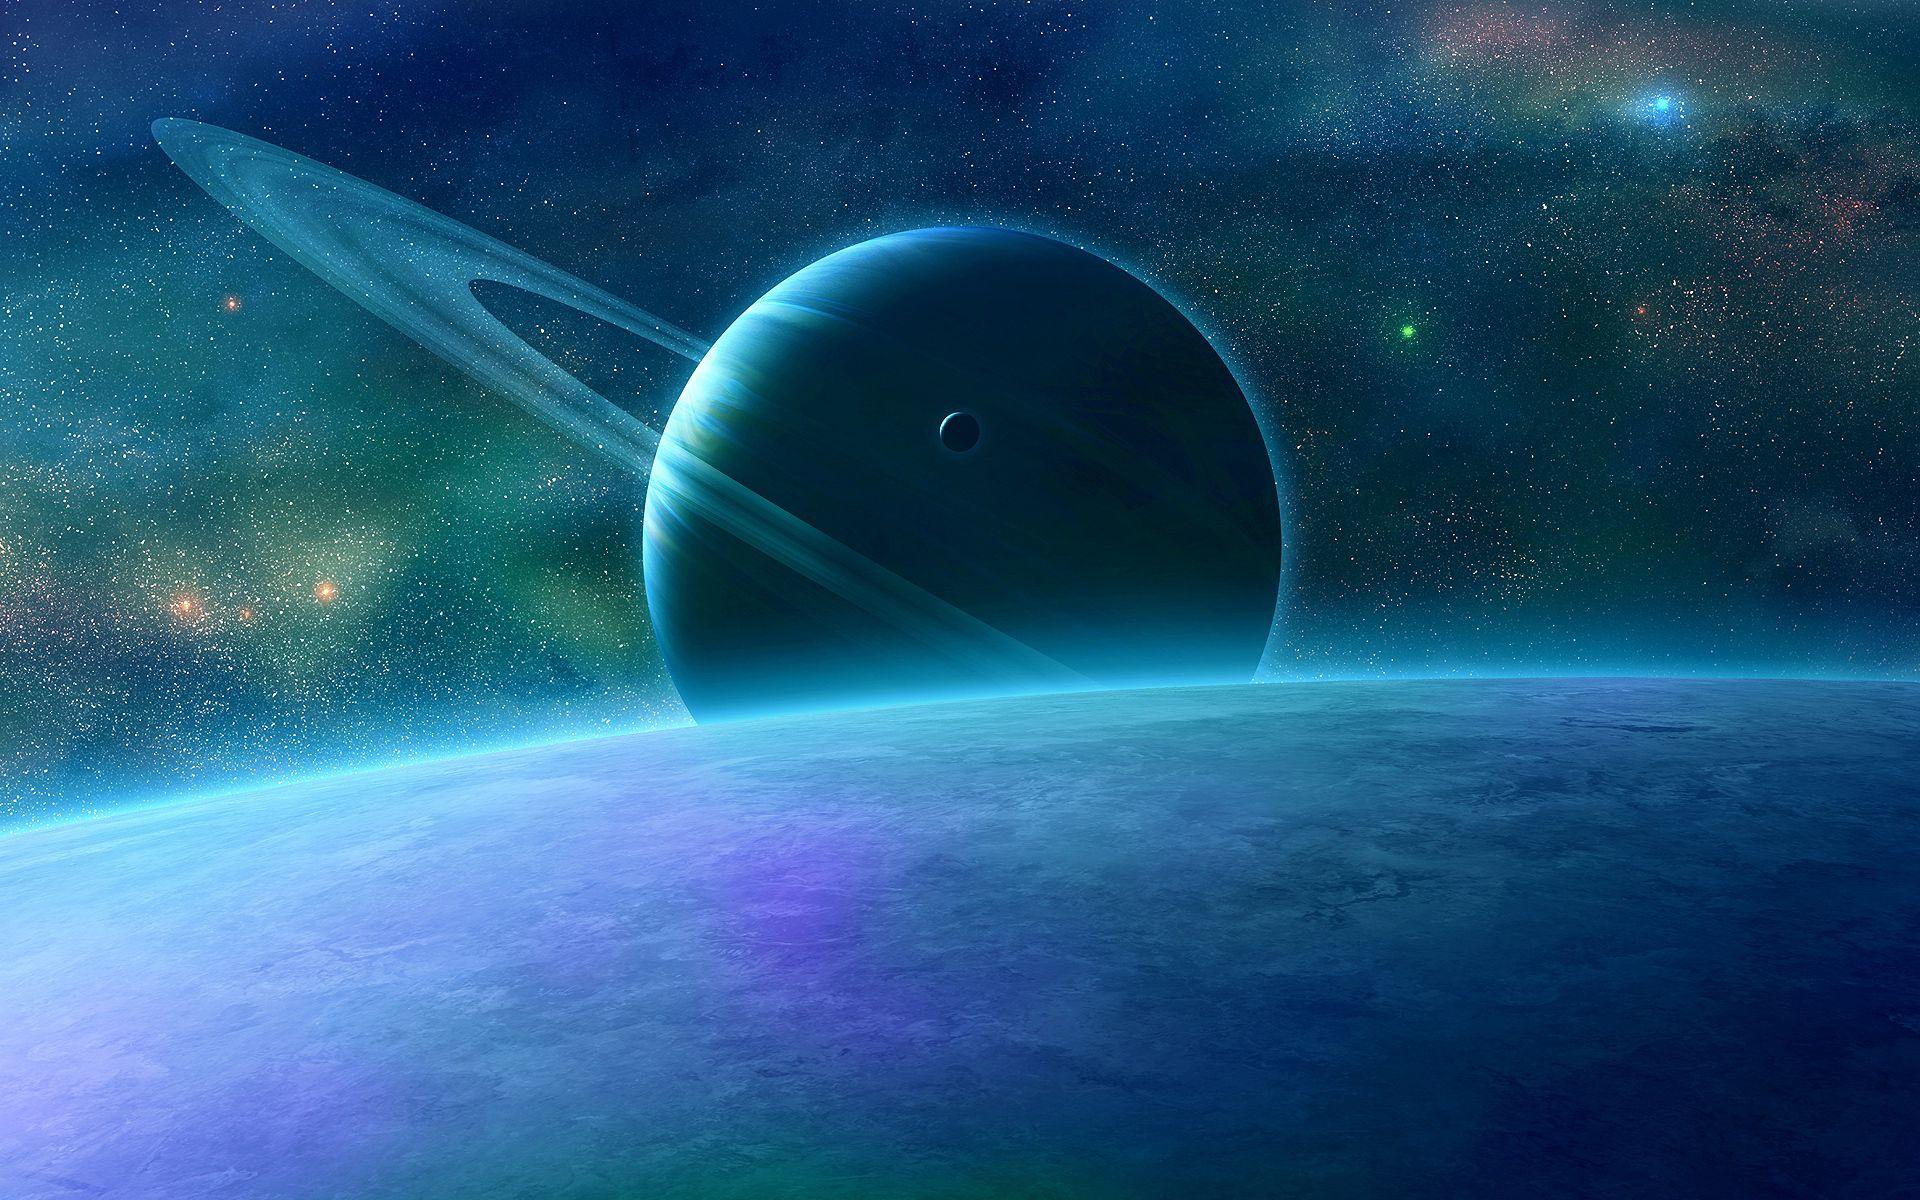 114912壁紙のダウンロード惑星, スカイ, 宇宙, リング-スクリーンセーバーと写真を無料で